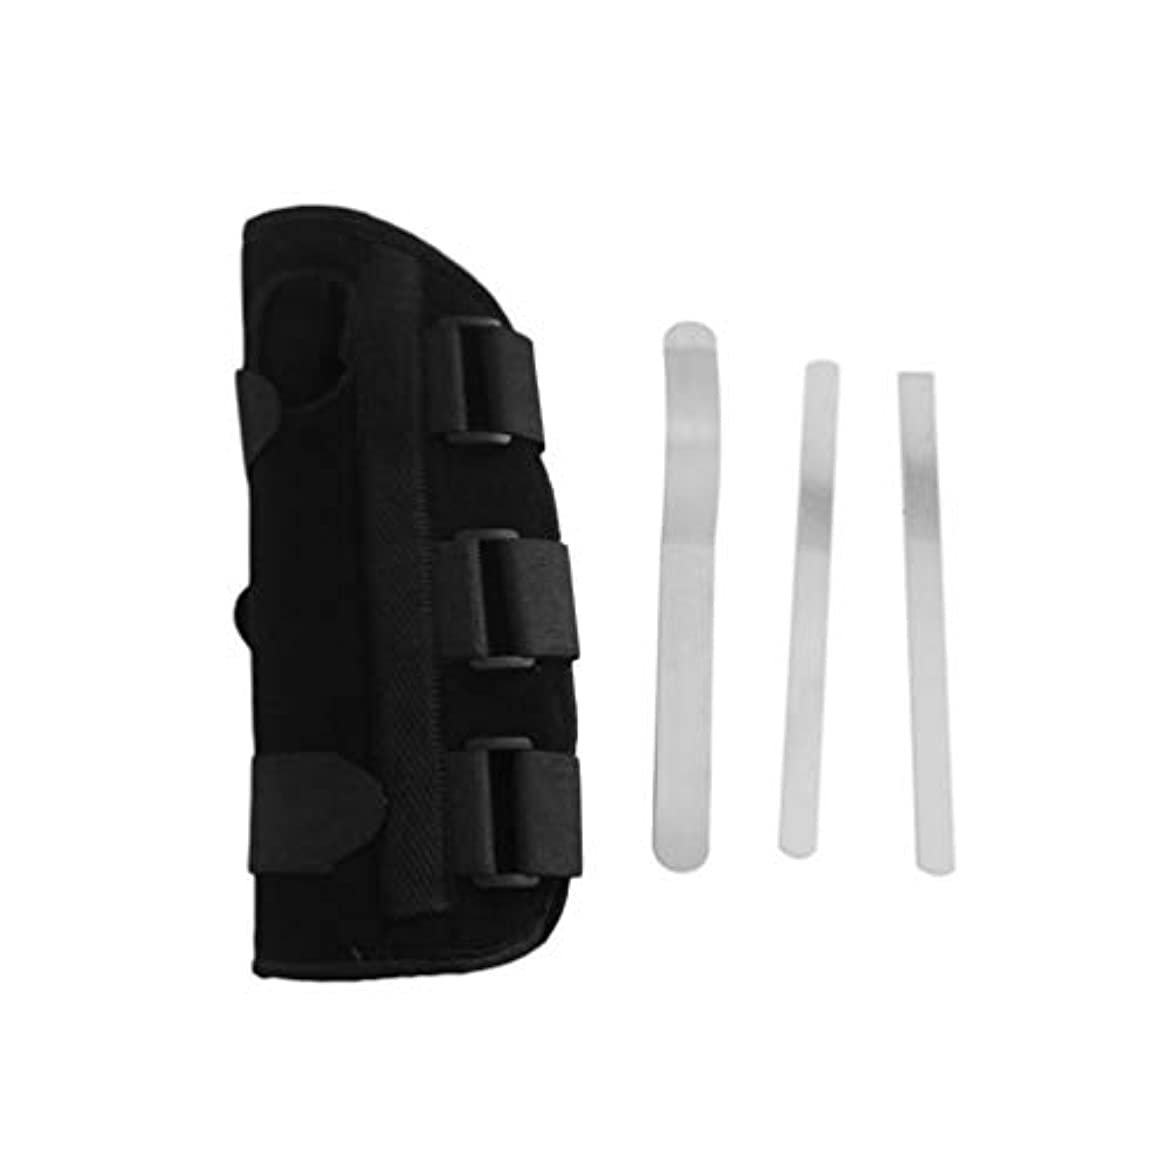 傾向がある入浴ブリッジ手首副木ブレース保護サポートストラップカルペルトンネルCTS RSI痛み軽減リムーバブル副木快適な軽量ストラップ - ブラックM